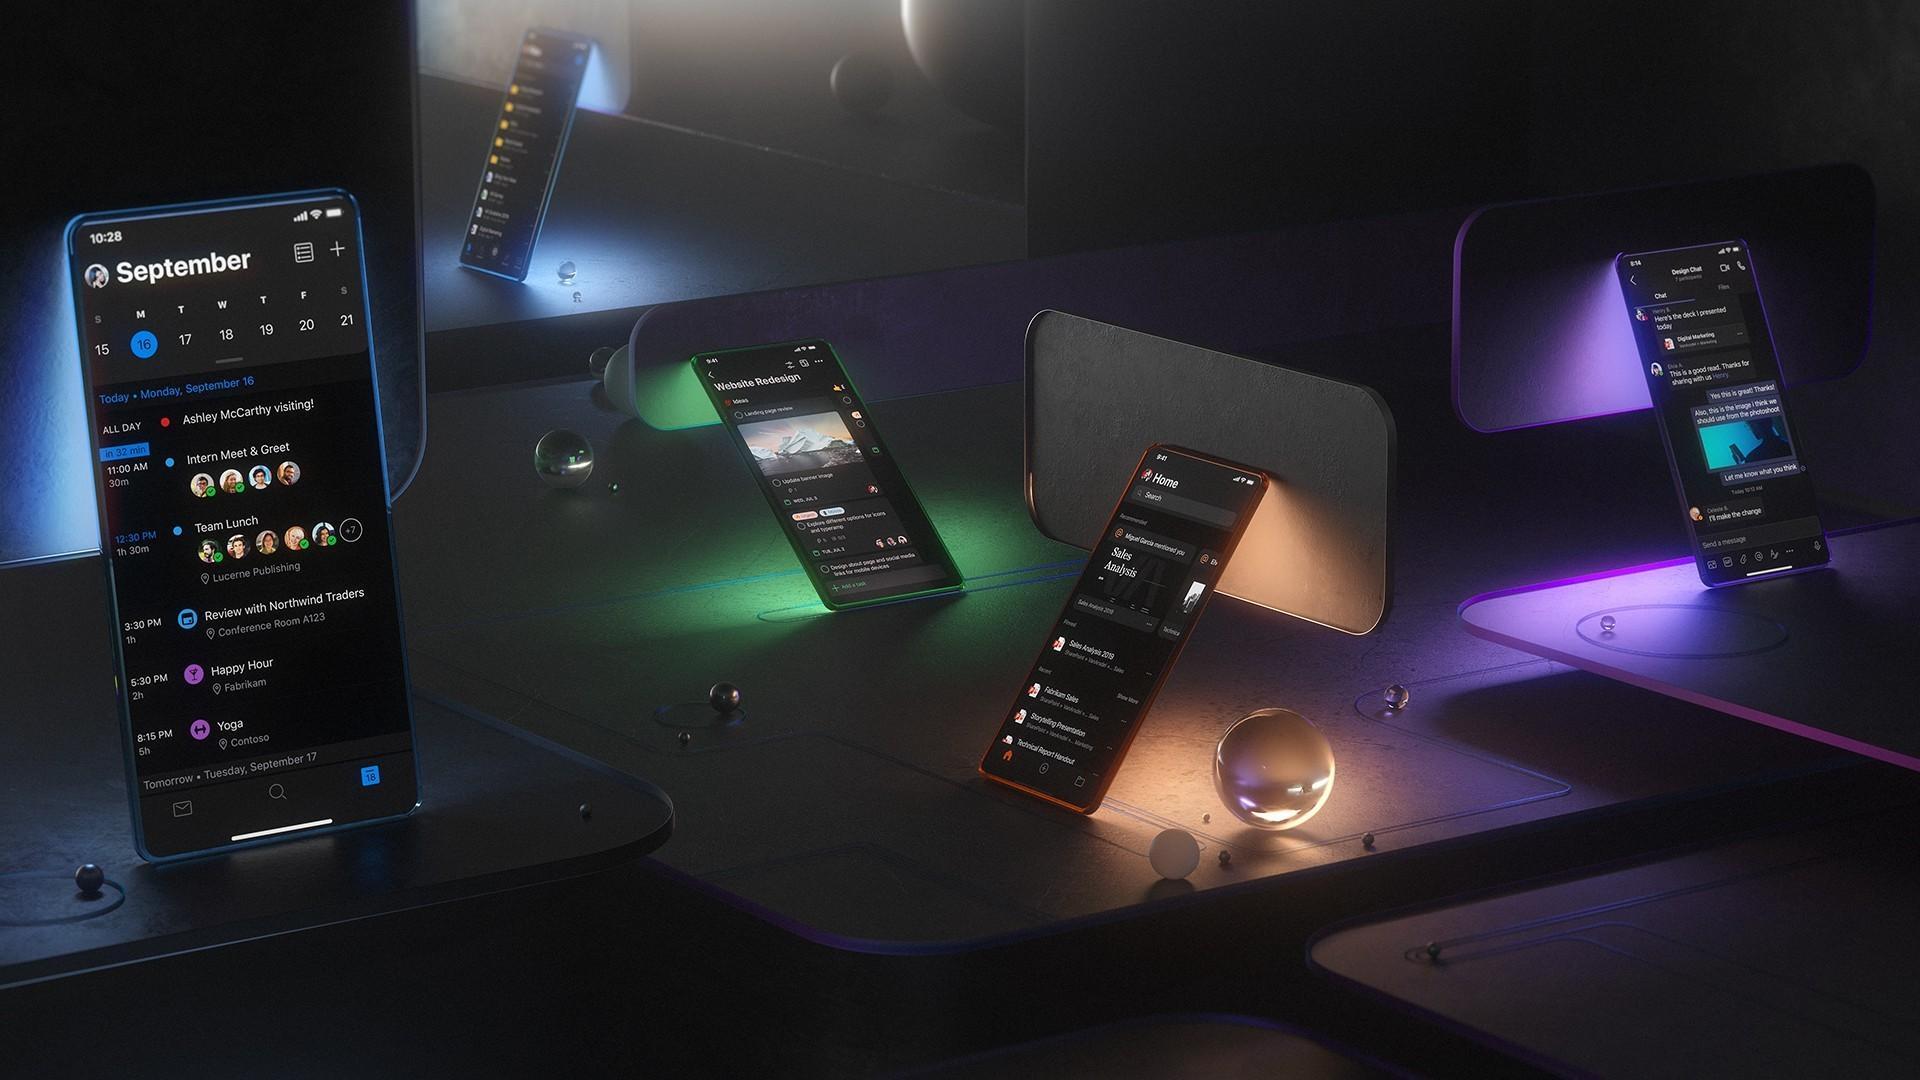 Outlook for mobiler er først ut av appene som får mørk modus.